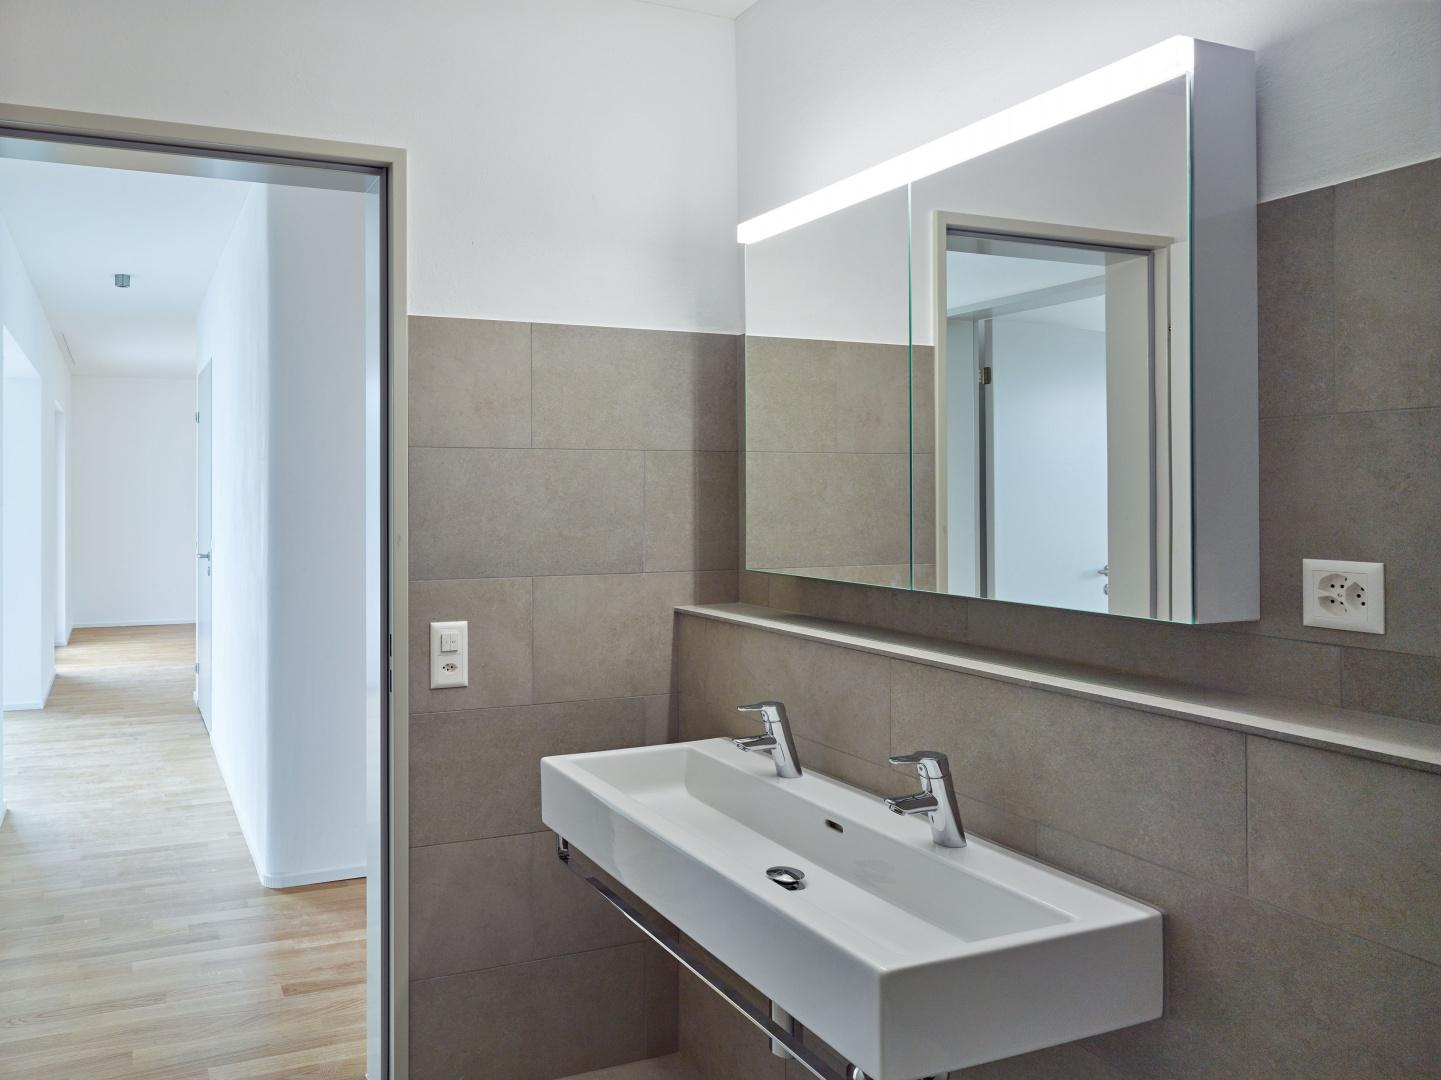 Bad - WC - Umgang © Fotograf: Arnold Kohler